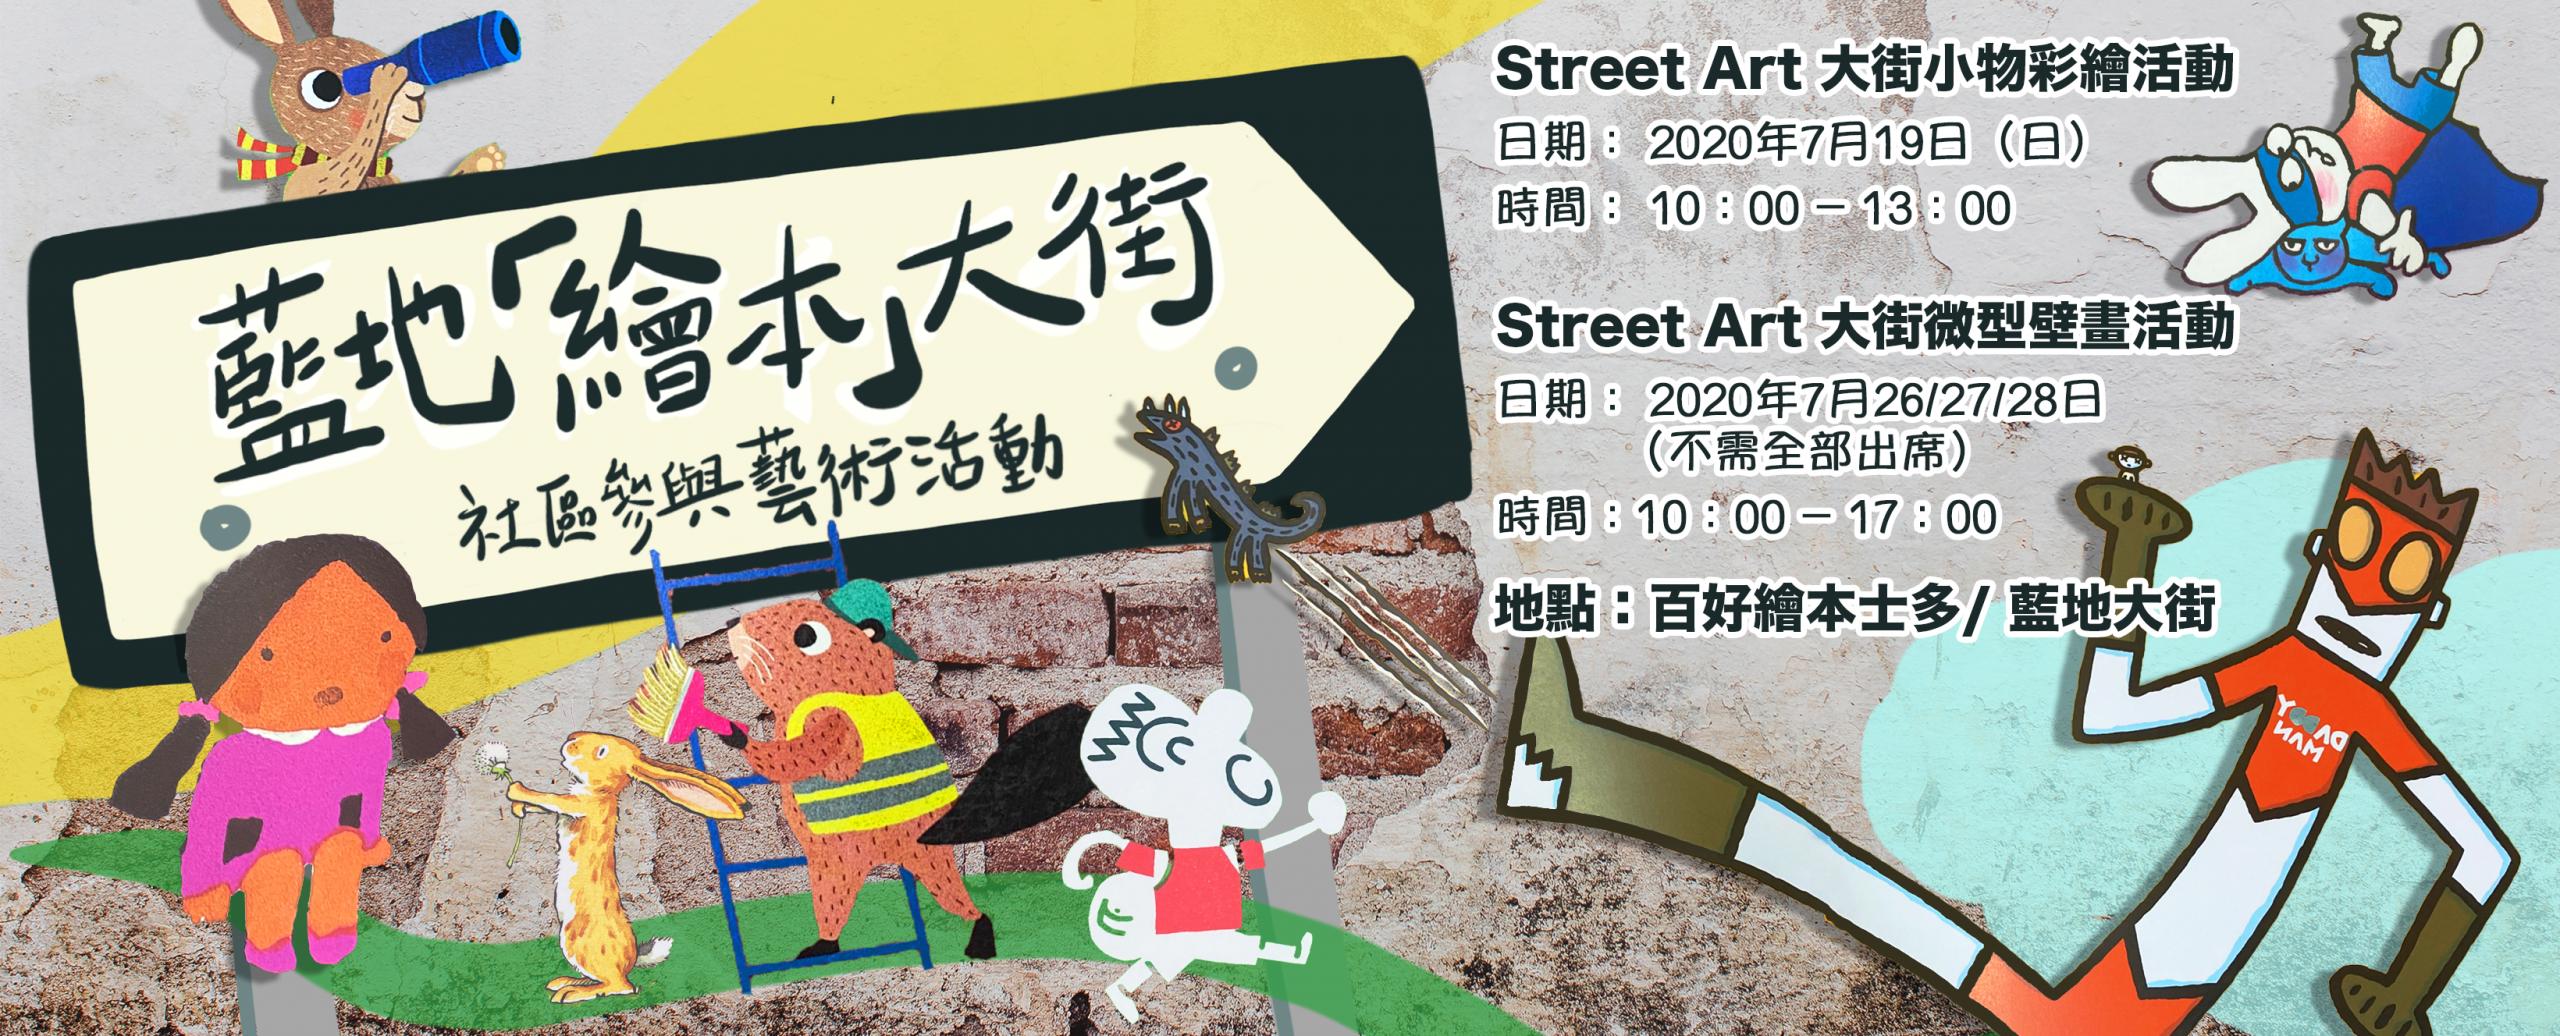 社區參與藝術活動|藍地「繪本」大街